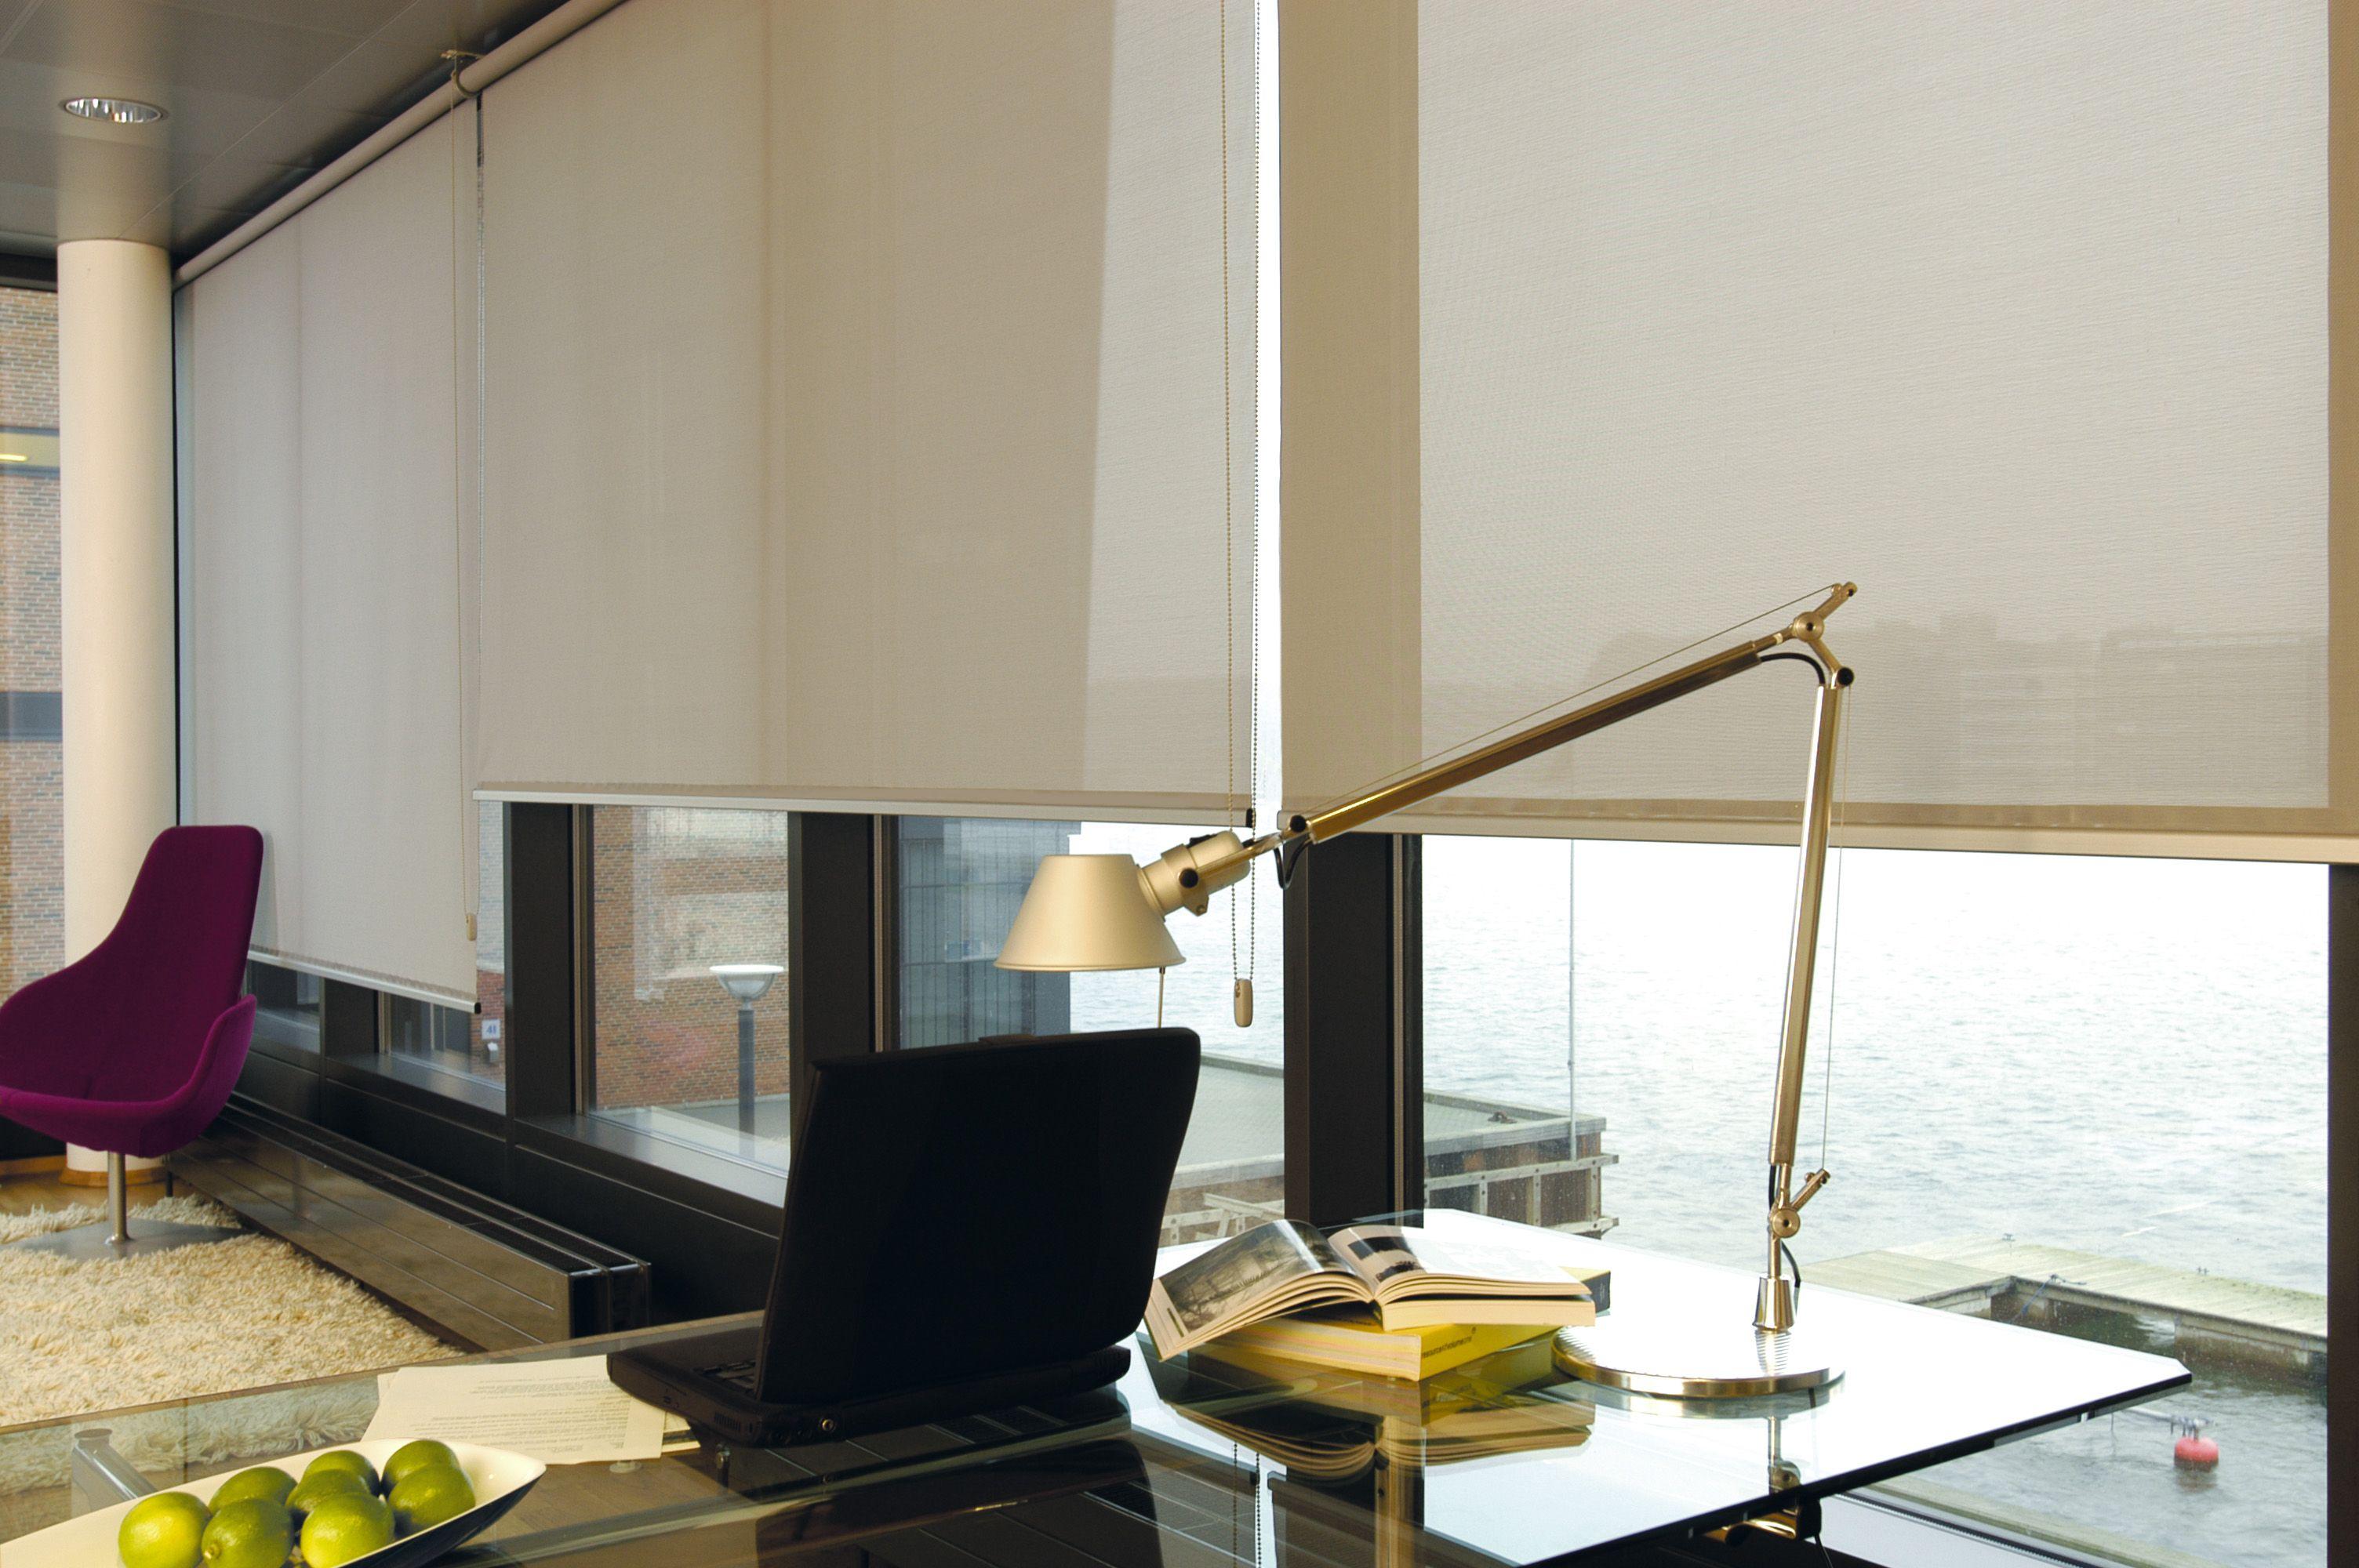 Loja De Persianas Rio De Janeiro Persianas Vertical Horizontal  # Muebles Excell Aguascalientes